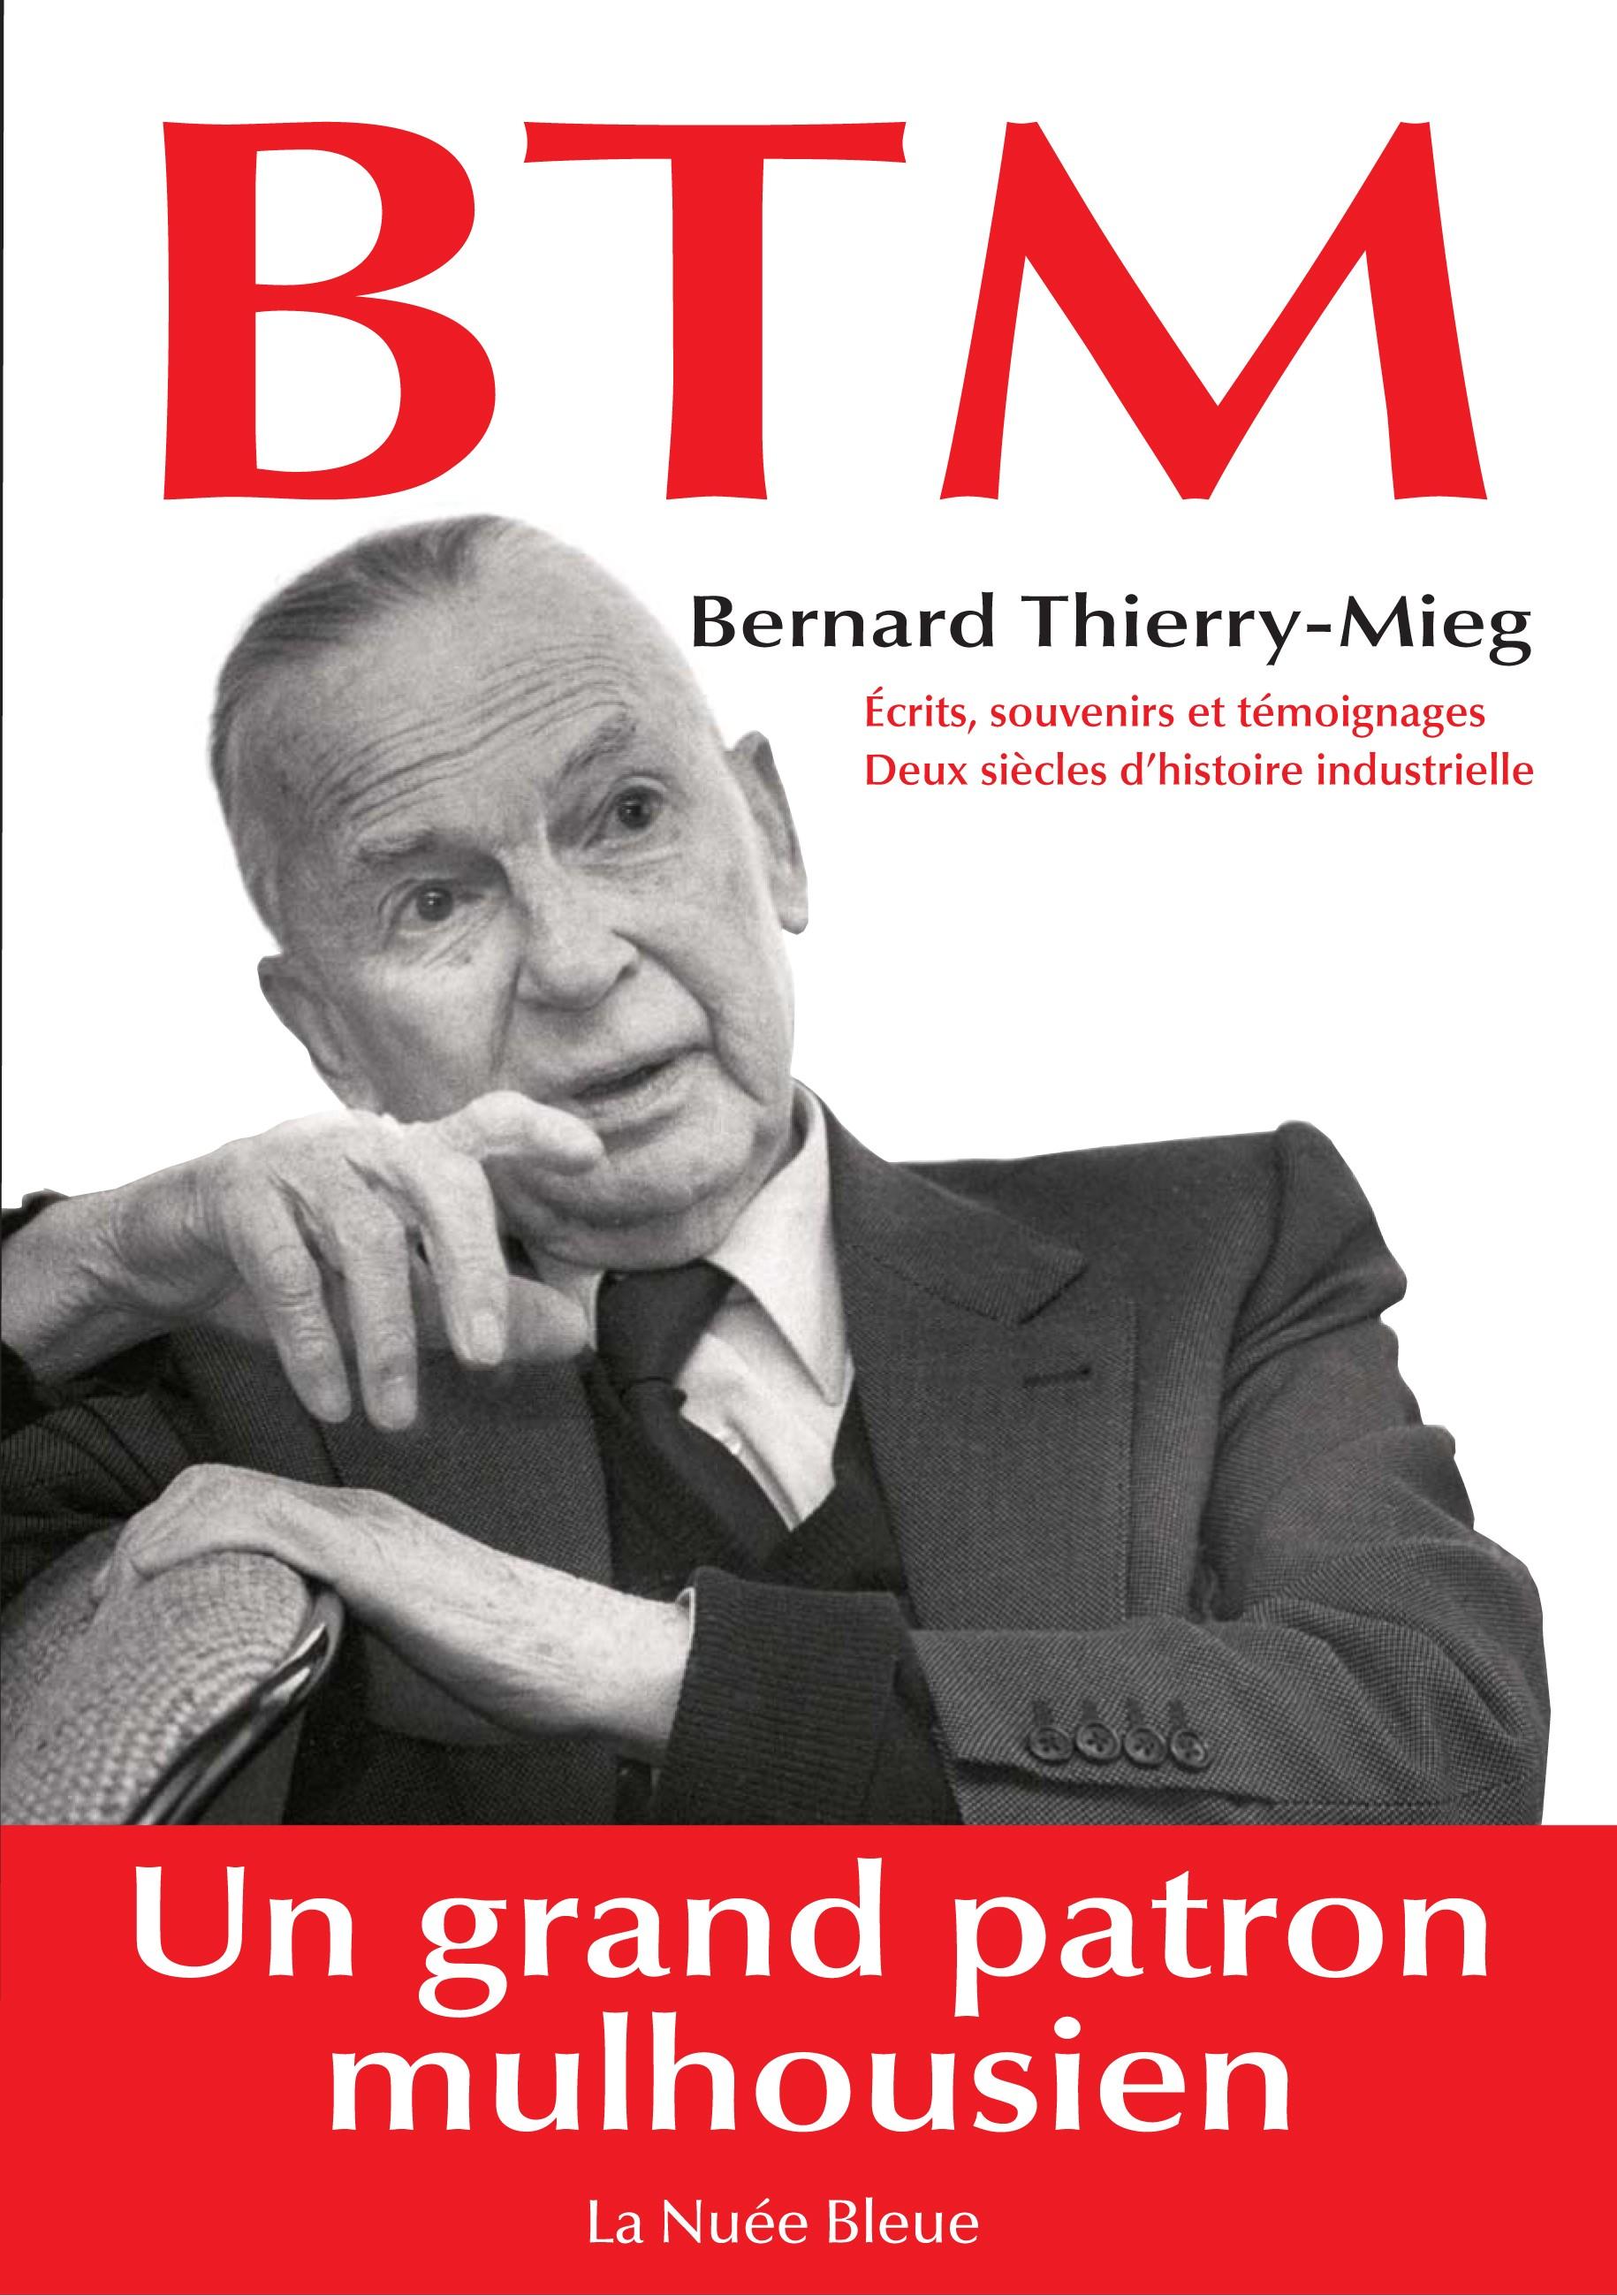 Bernard Thierry-Mieg, un grand patron mulhousien